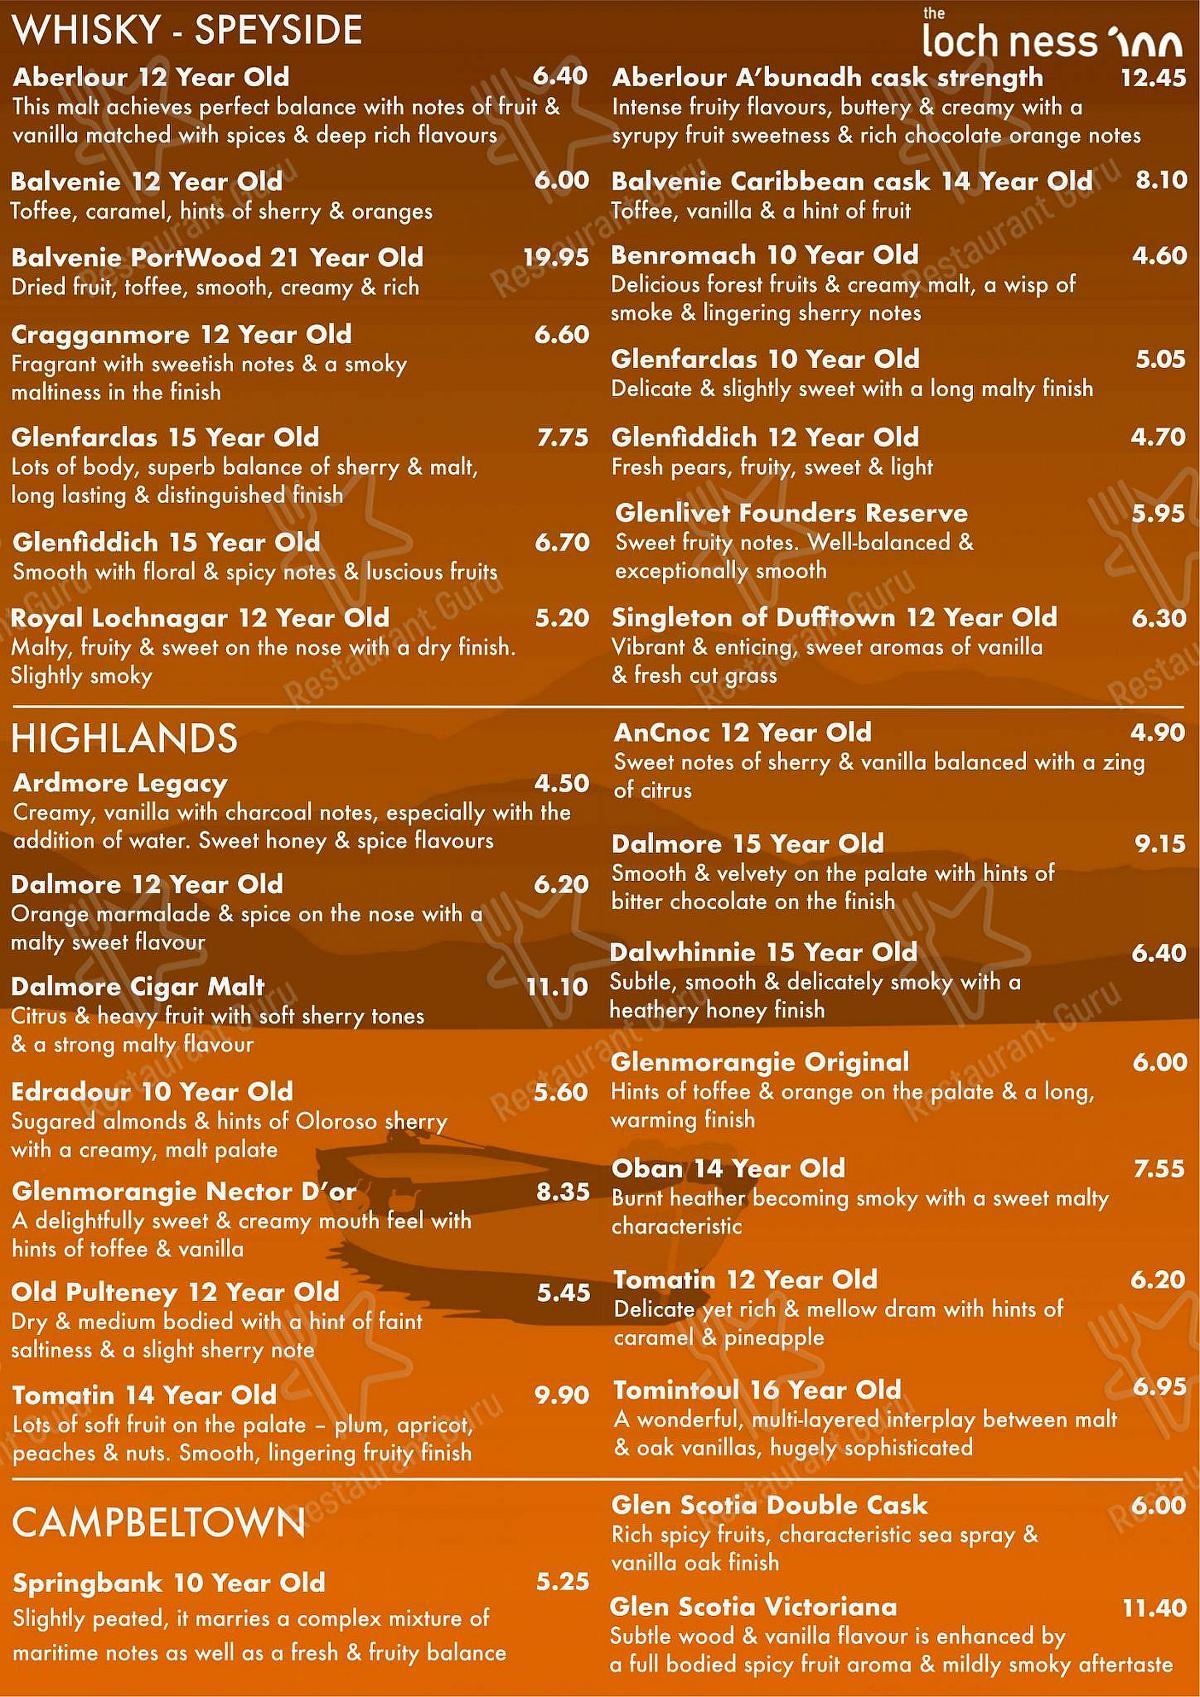 Carta de The Loch Ness Inn - platos y bebidas